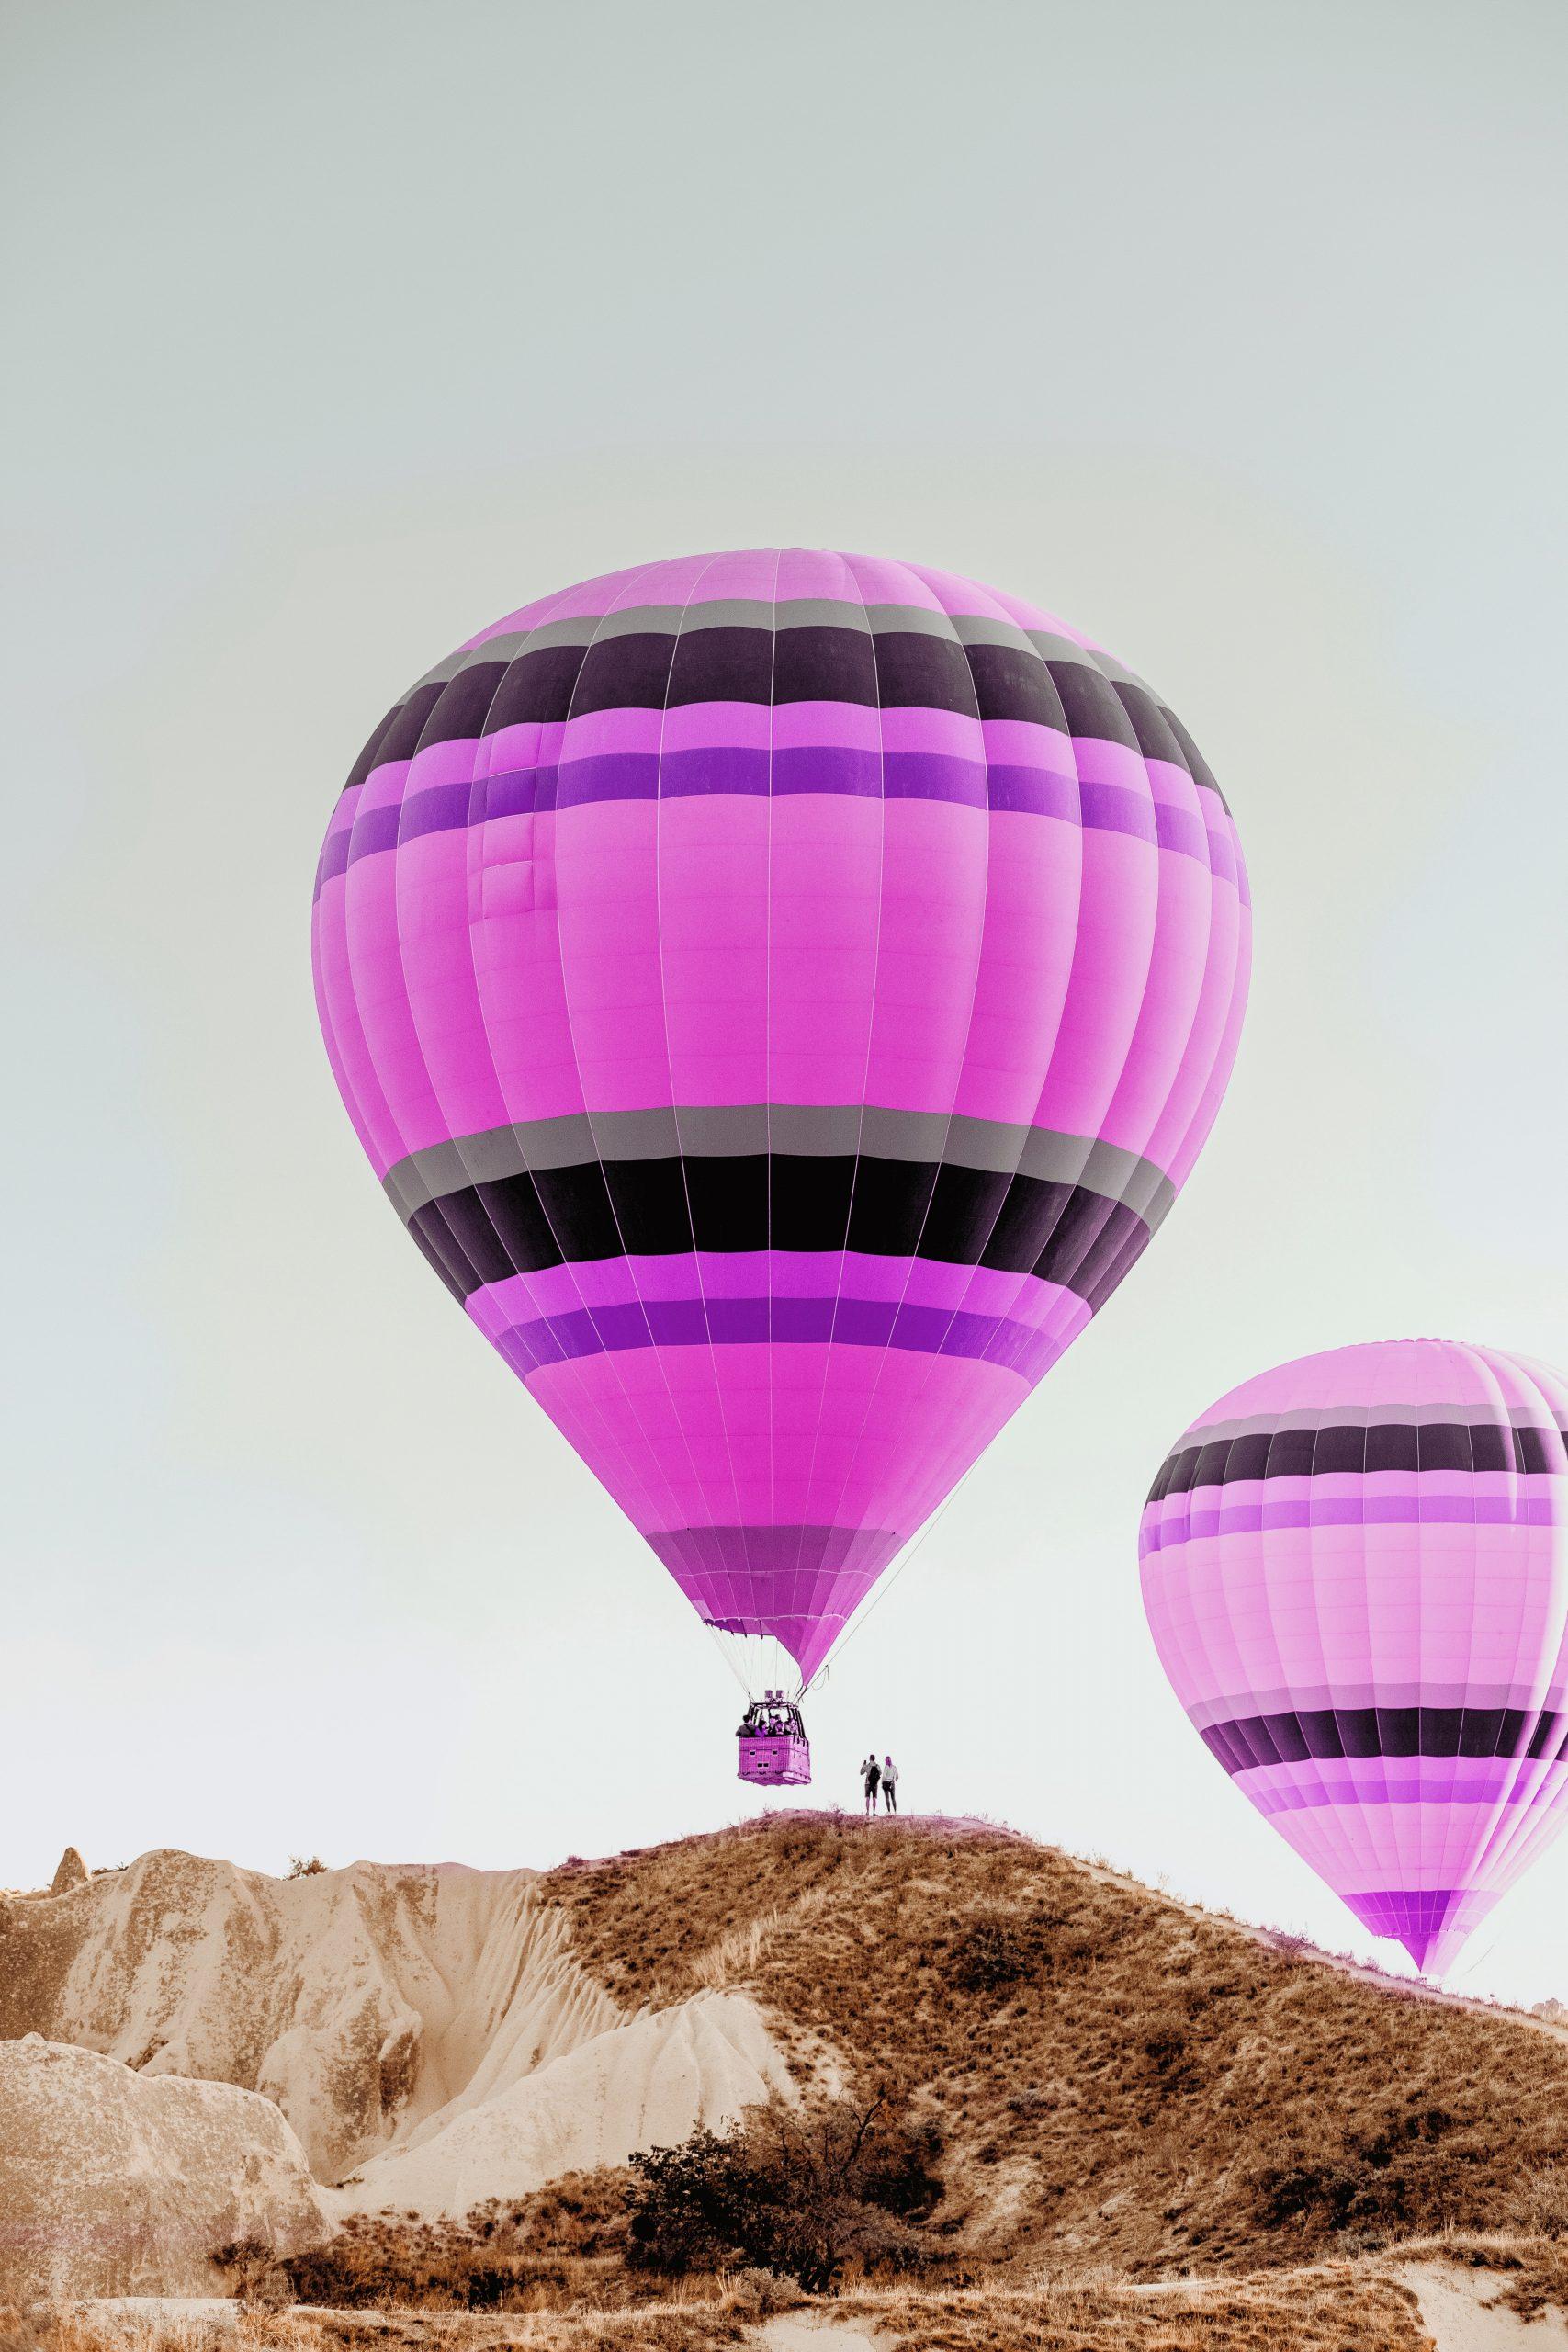 Vlastnú dopravu môže e-shop zabezpečiť hocijako - aj balónom na obrázku